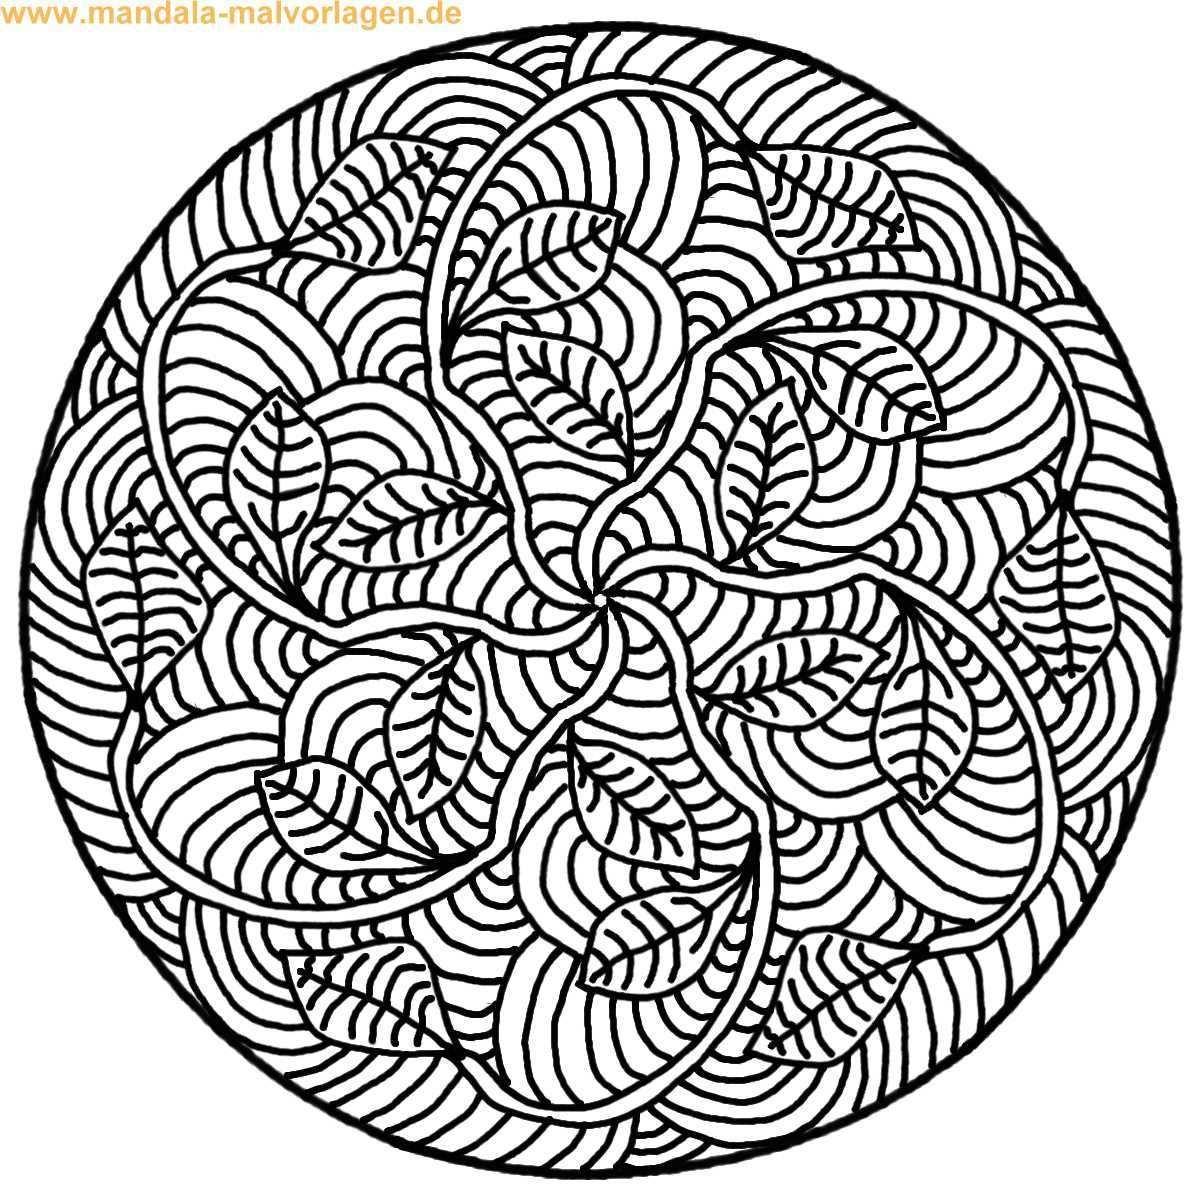 Ausmalbilder Mandala Schwer In 2020 Mandala Coloring Pages Mandala Coloring Leaf Drawing